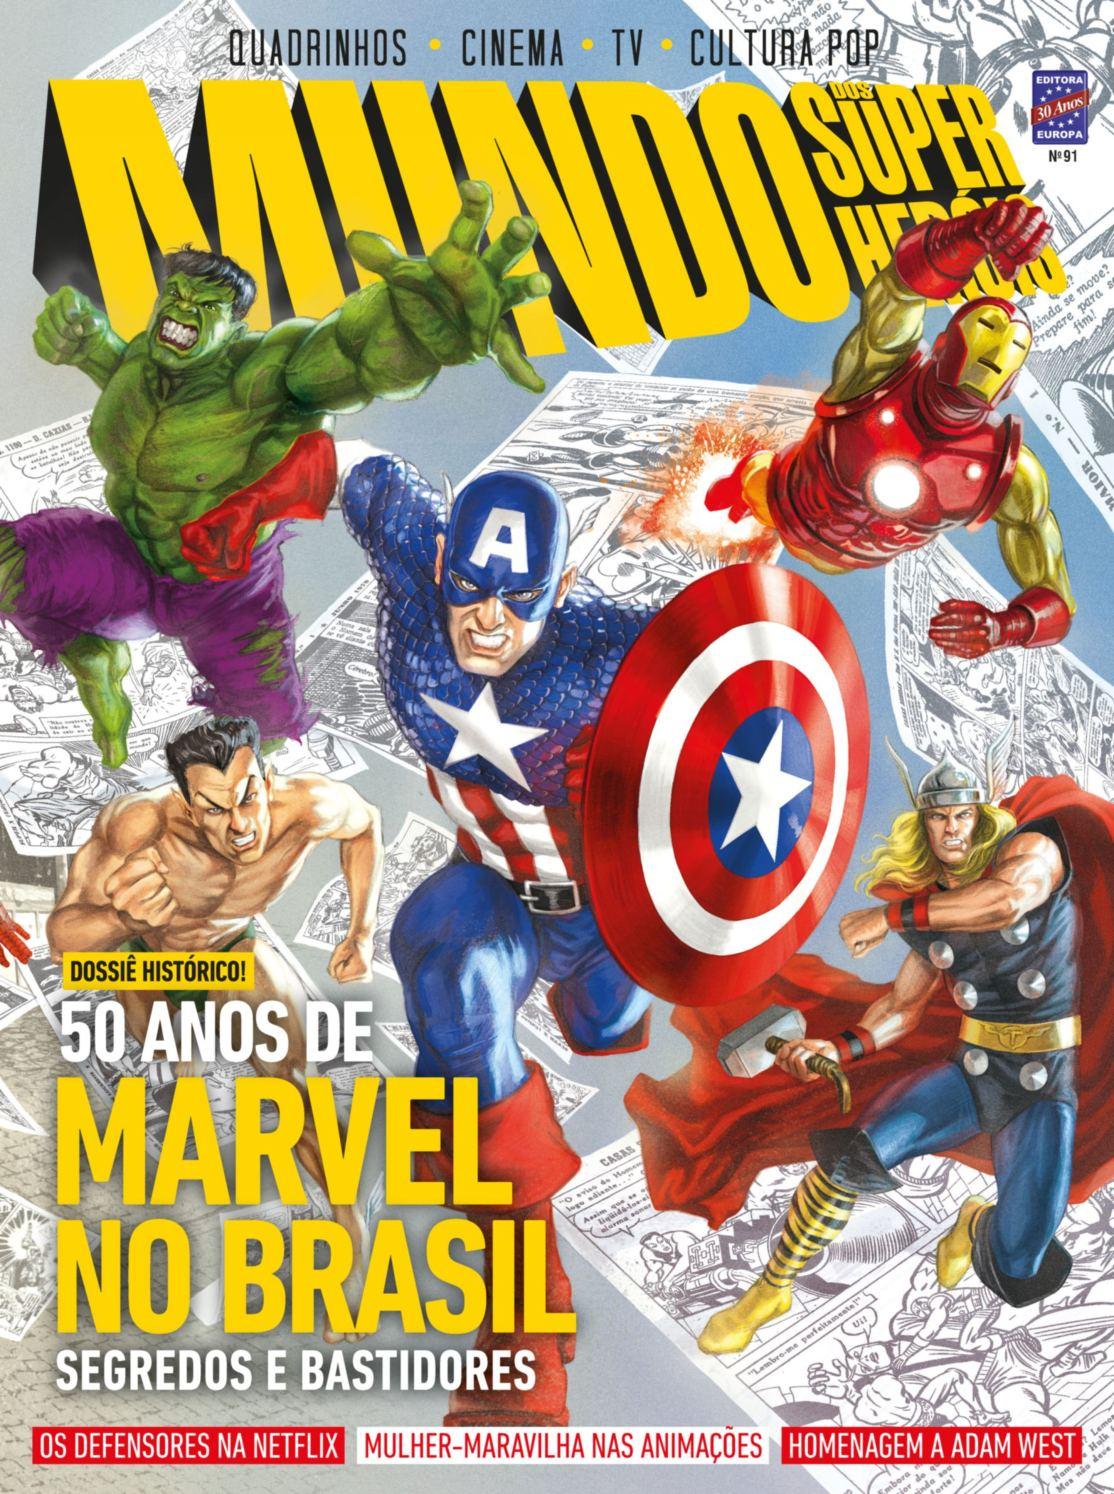 Revista Mundo dos Super Heróis │Edição 91 │Julho 2017